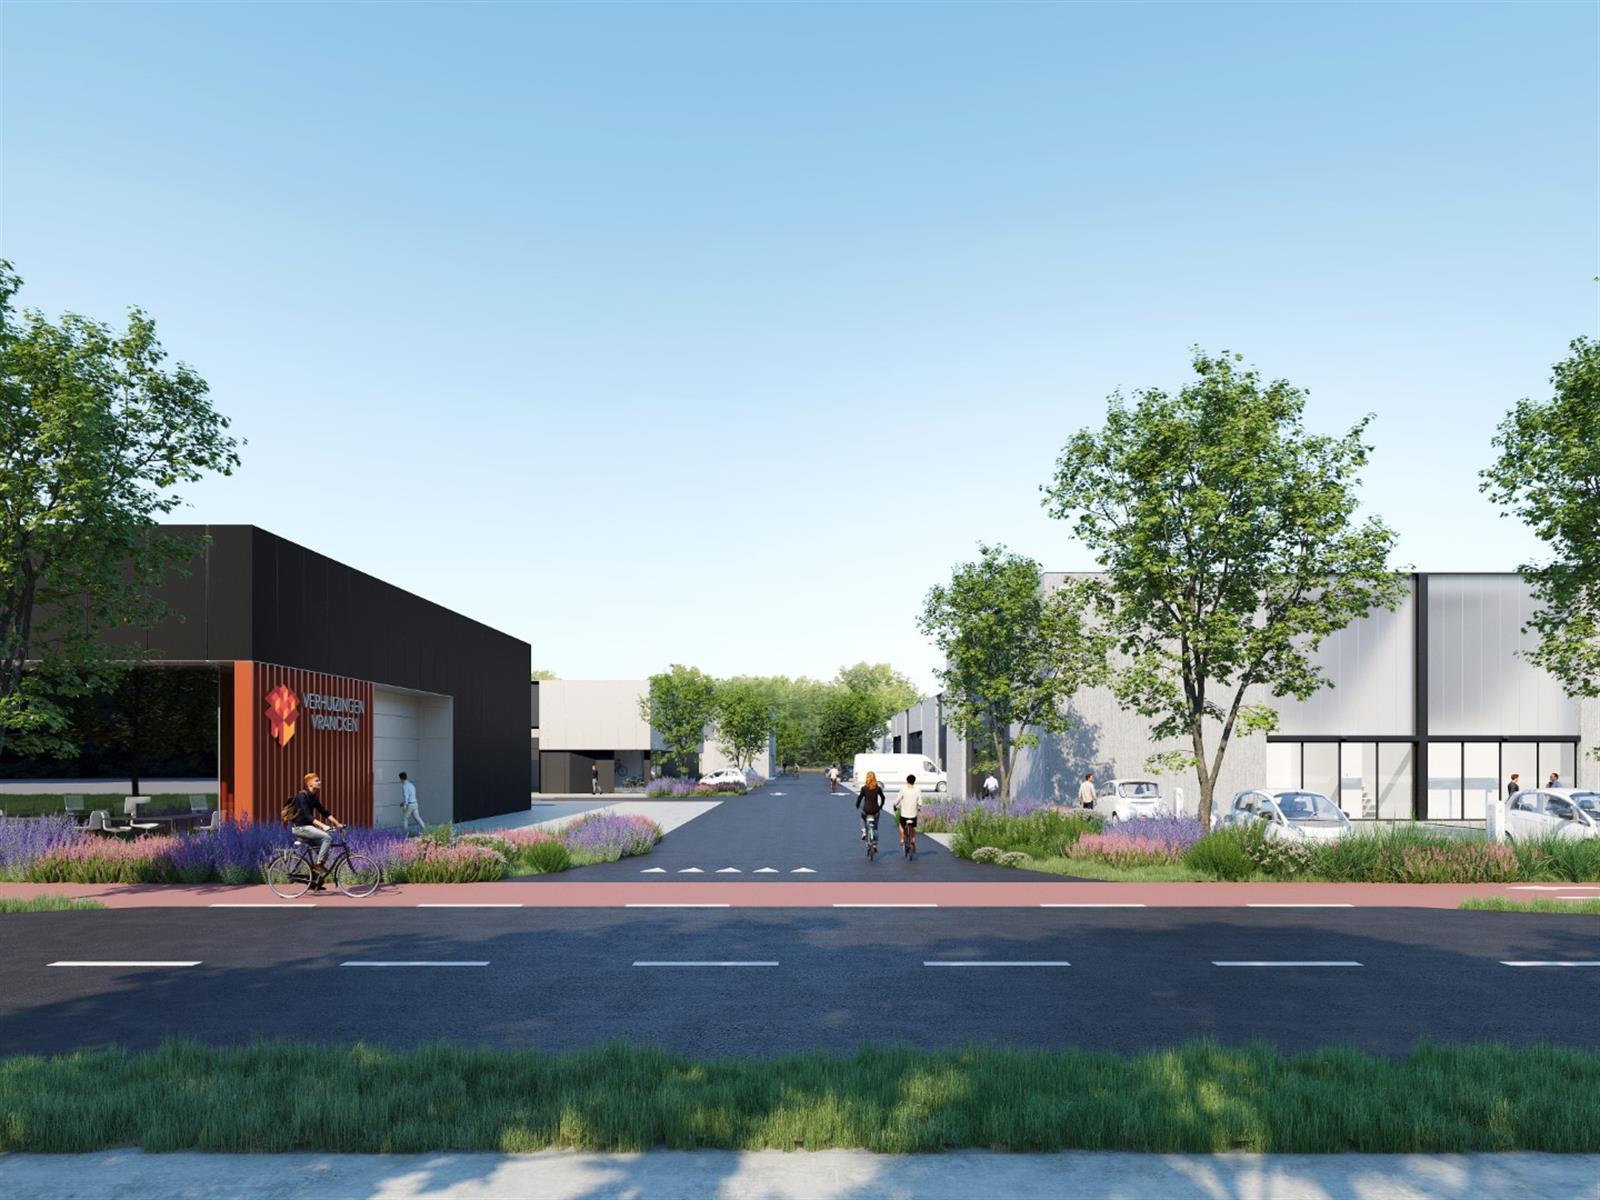 KMO-unit te koop Heros Businesspark KMO Unit 3 - Herkenrodesingel 10, 3500 Hasselt, België 5